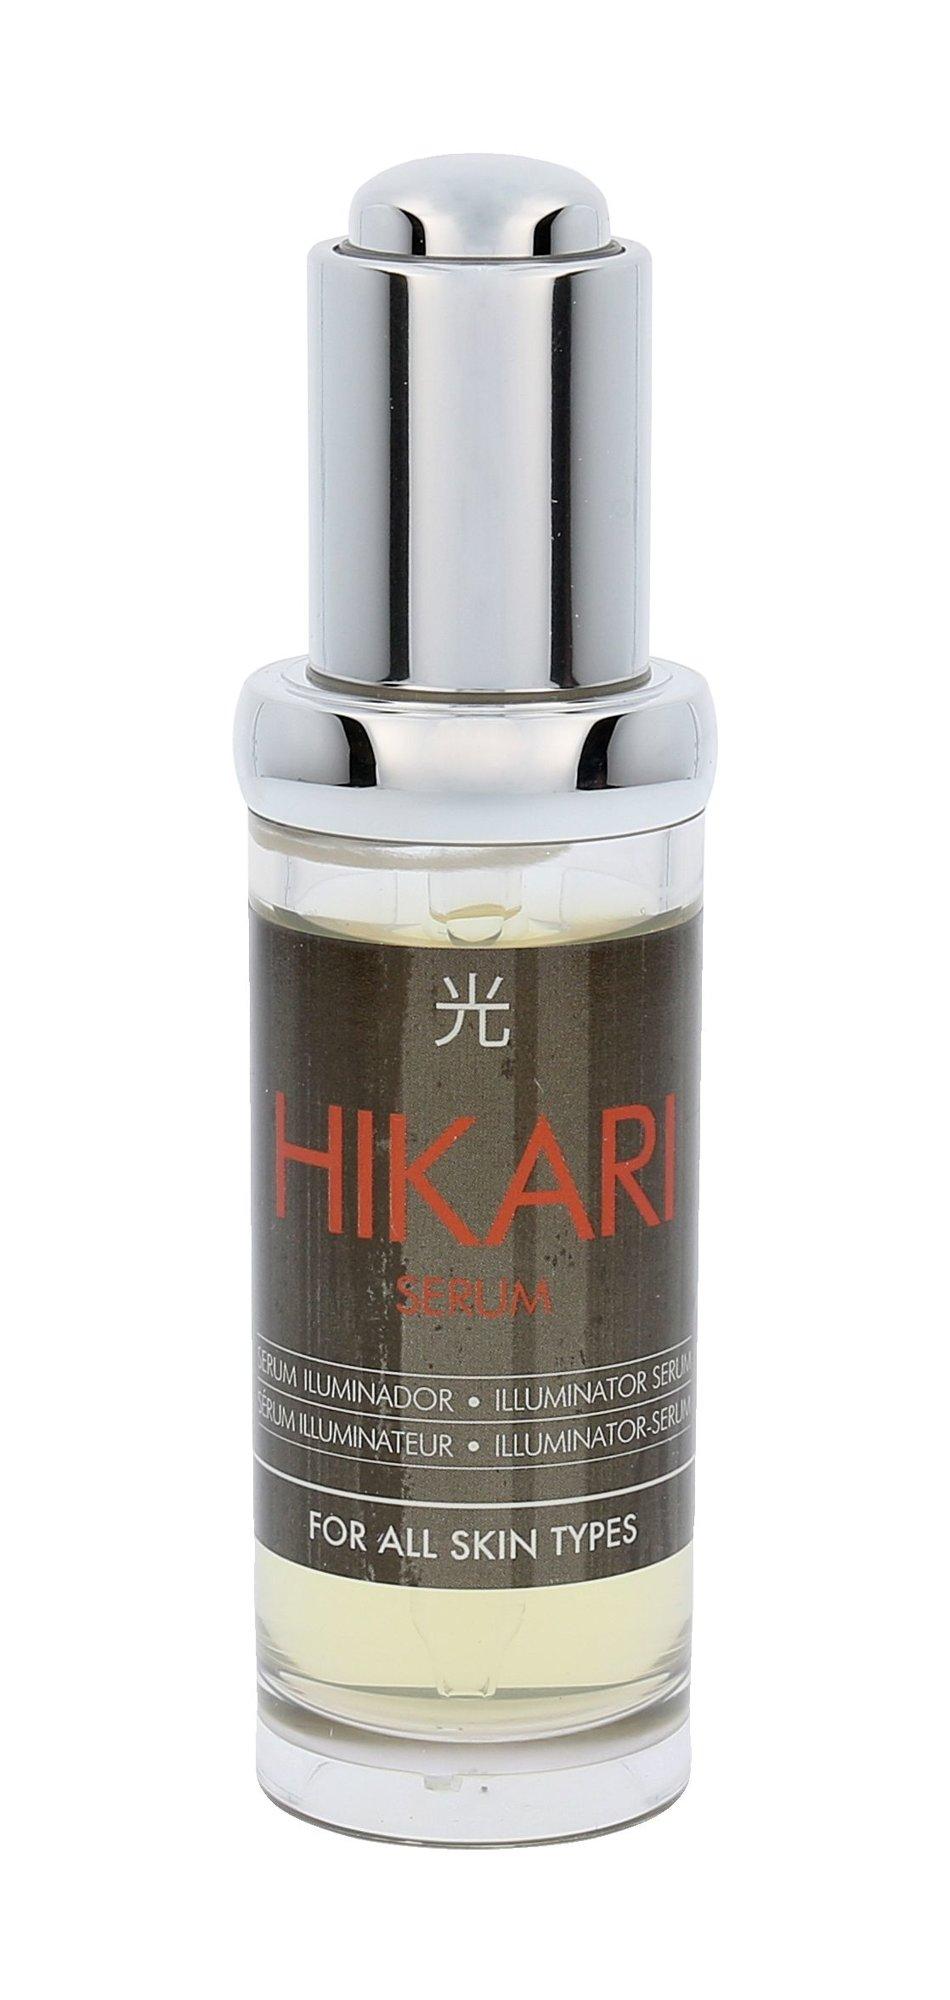 Diet Esthetic Hikari Cosmetic 30ml  Illuminator Serum